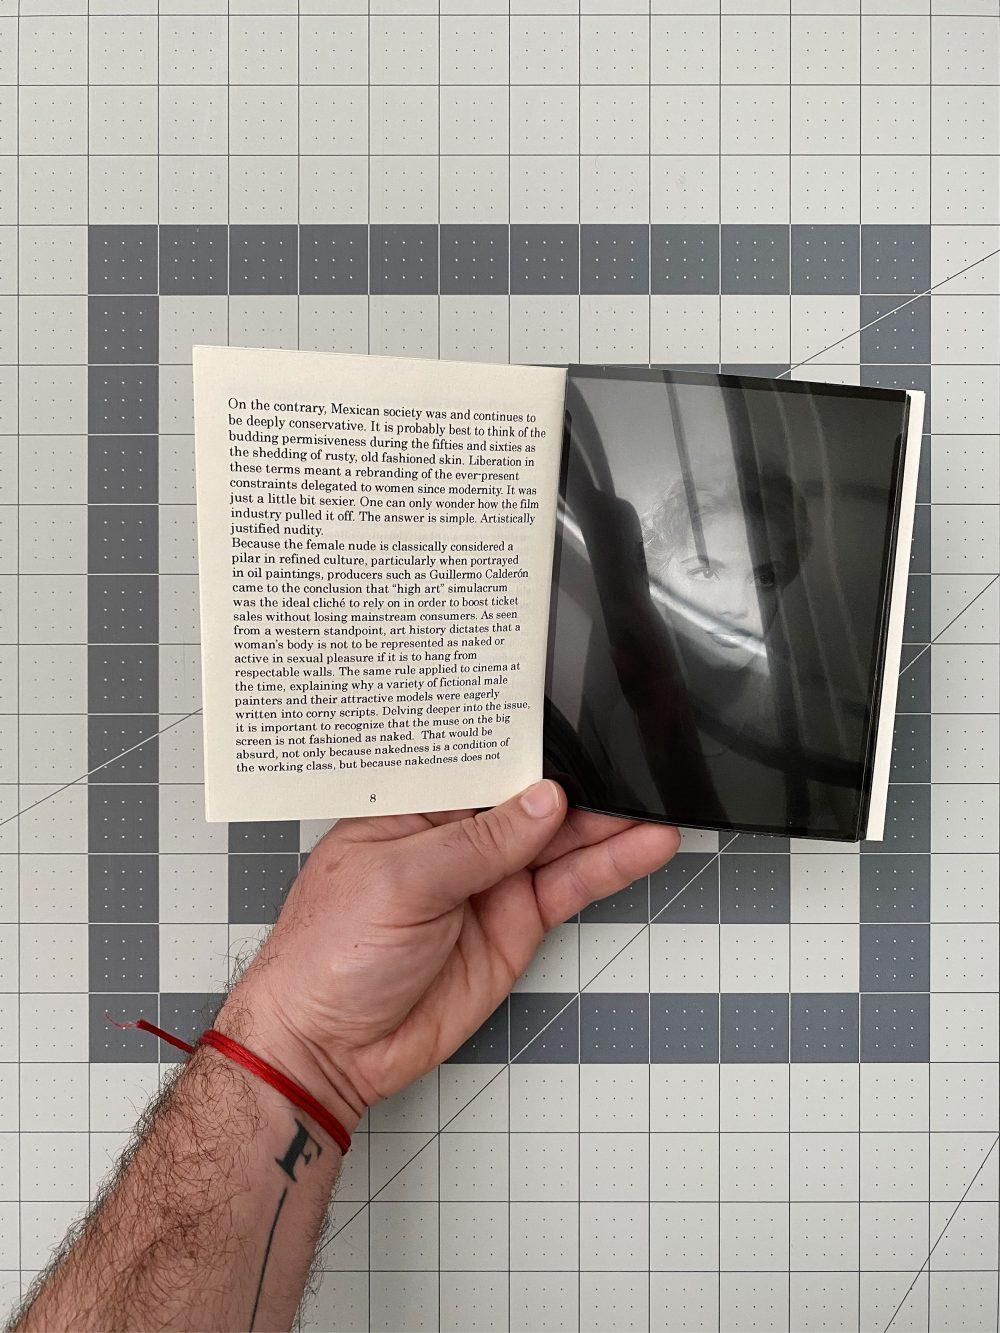 El Casting Book by Alejandro Cartagena, Published 2020 by Studio Cartagena